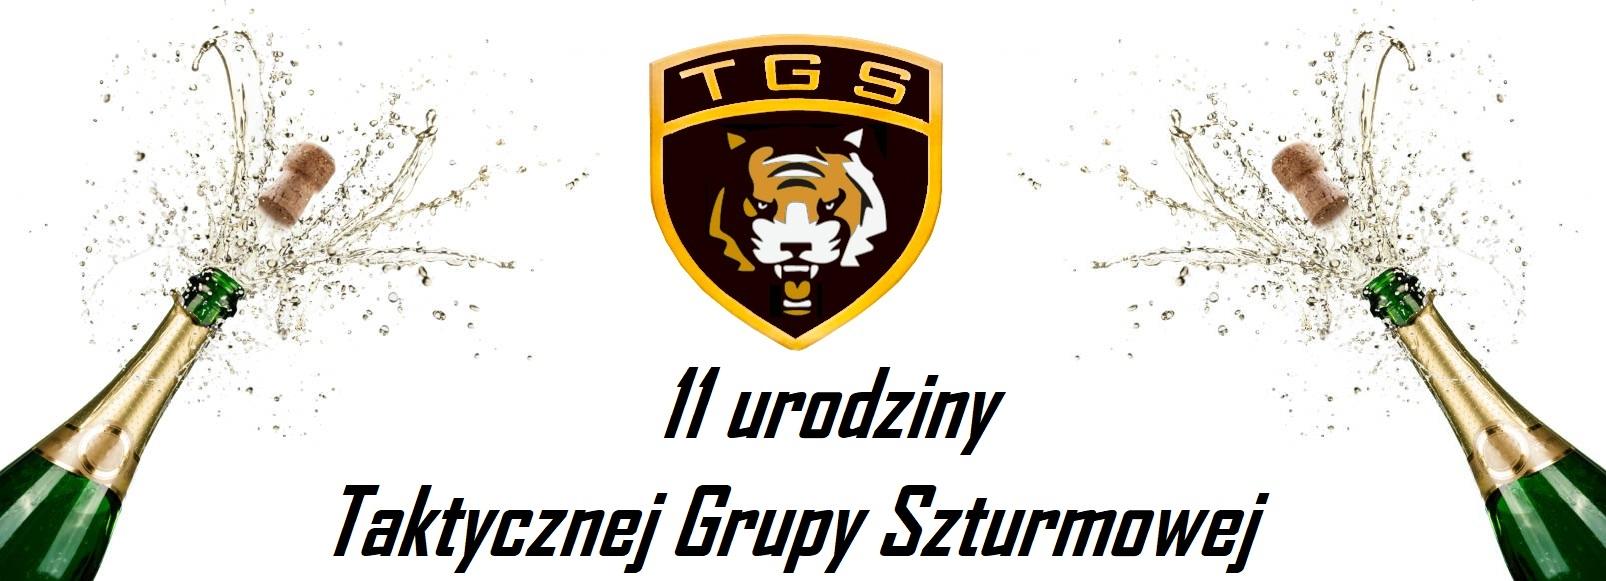 http://www.tgs.ayz.pl/Wydarzenia/11urodziny/11_urodziny.jpg